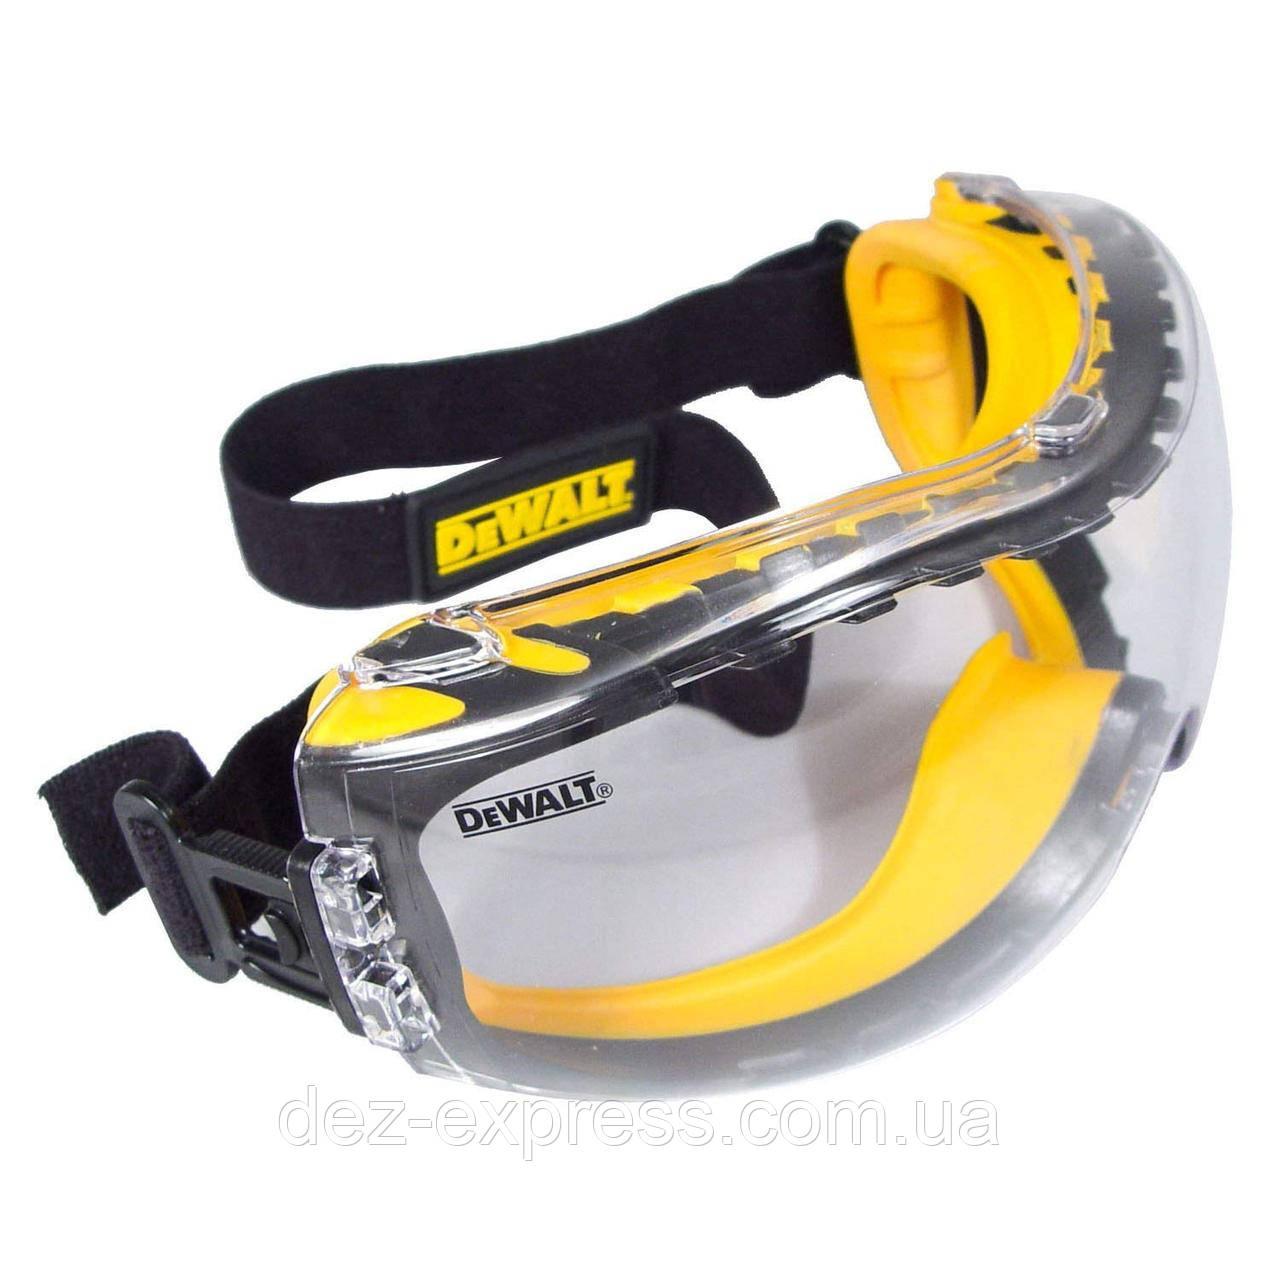 Защитные очки DeWalt DPG82-11 (USA). Идеально прозрачные